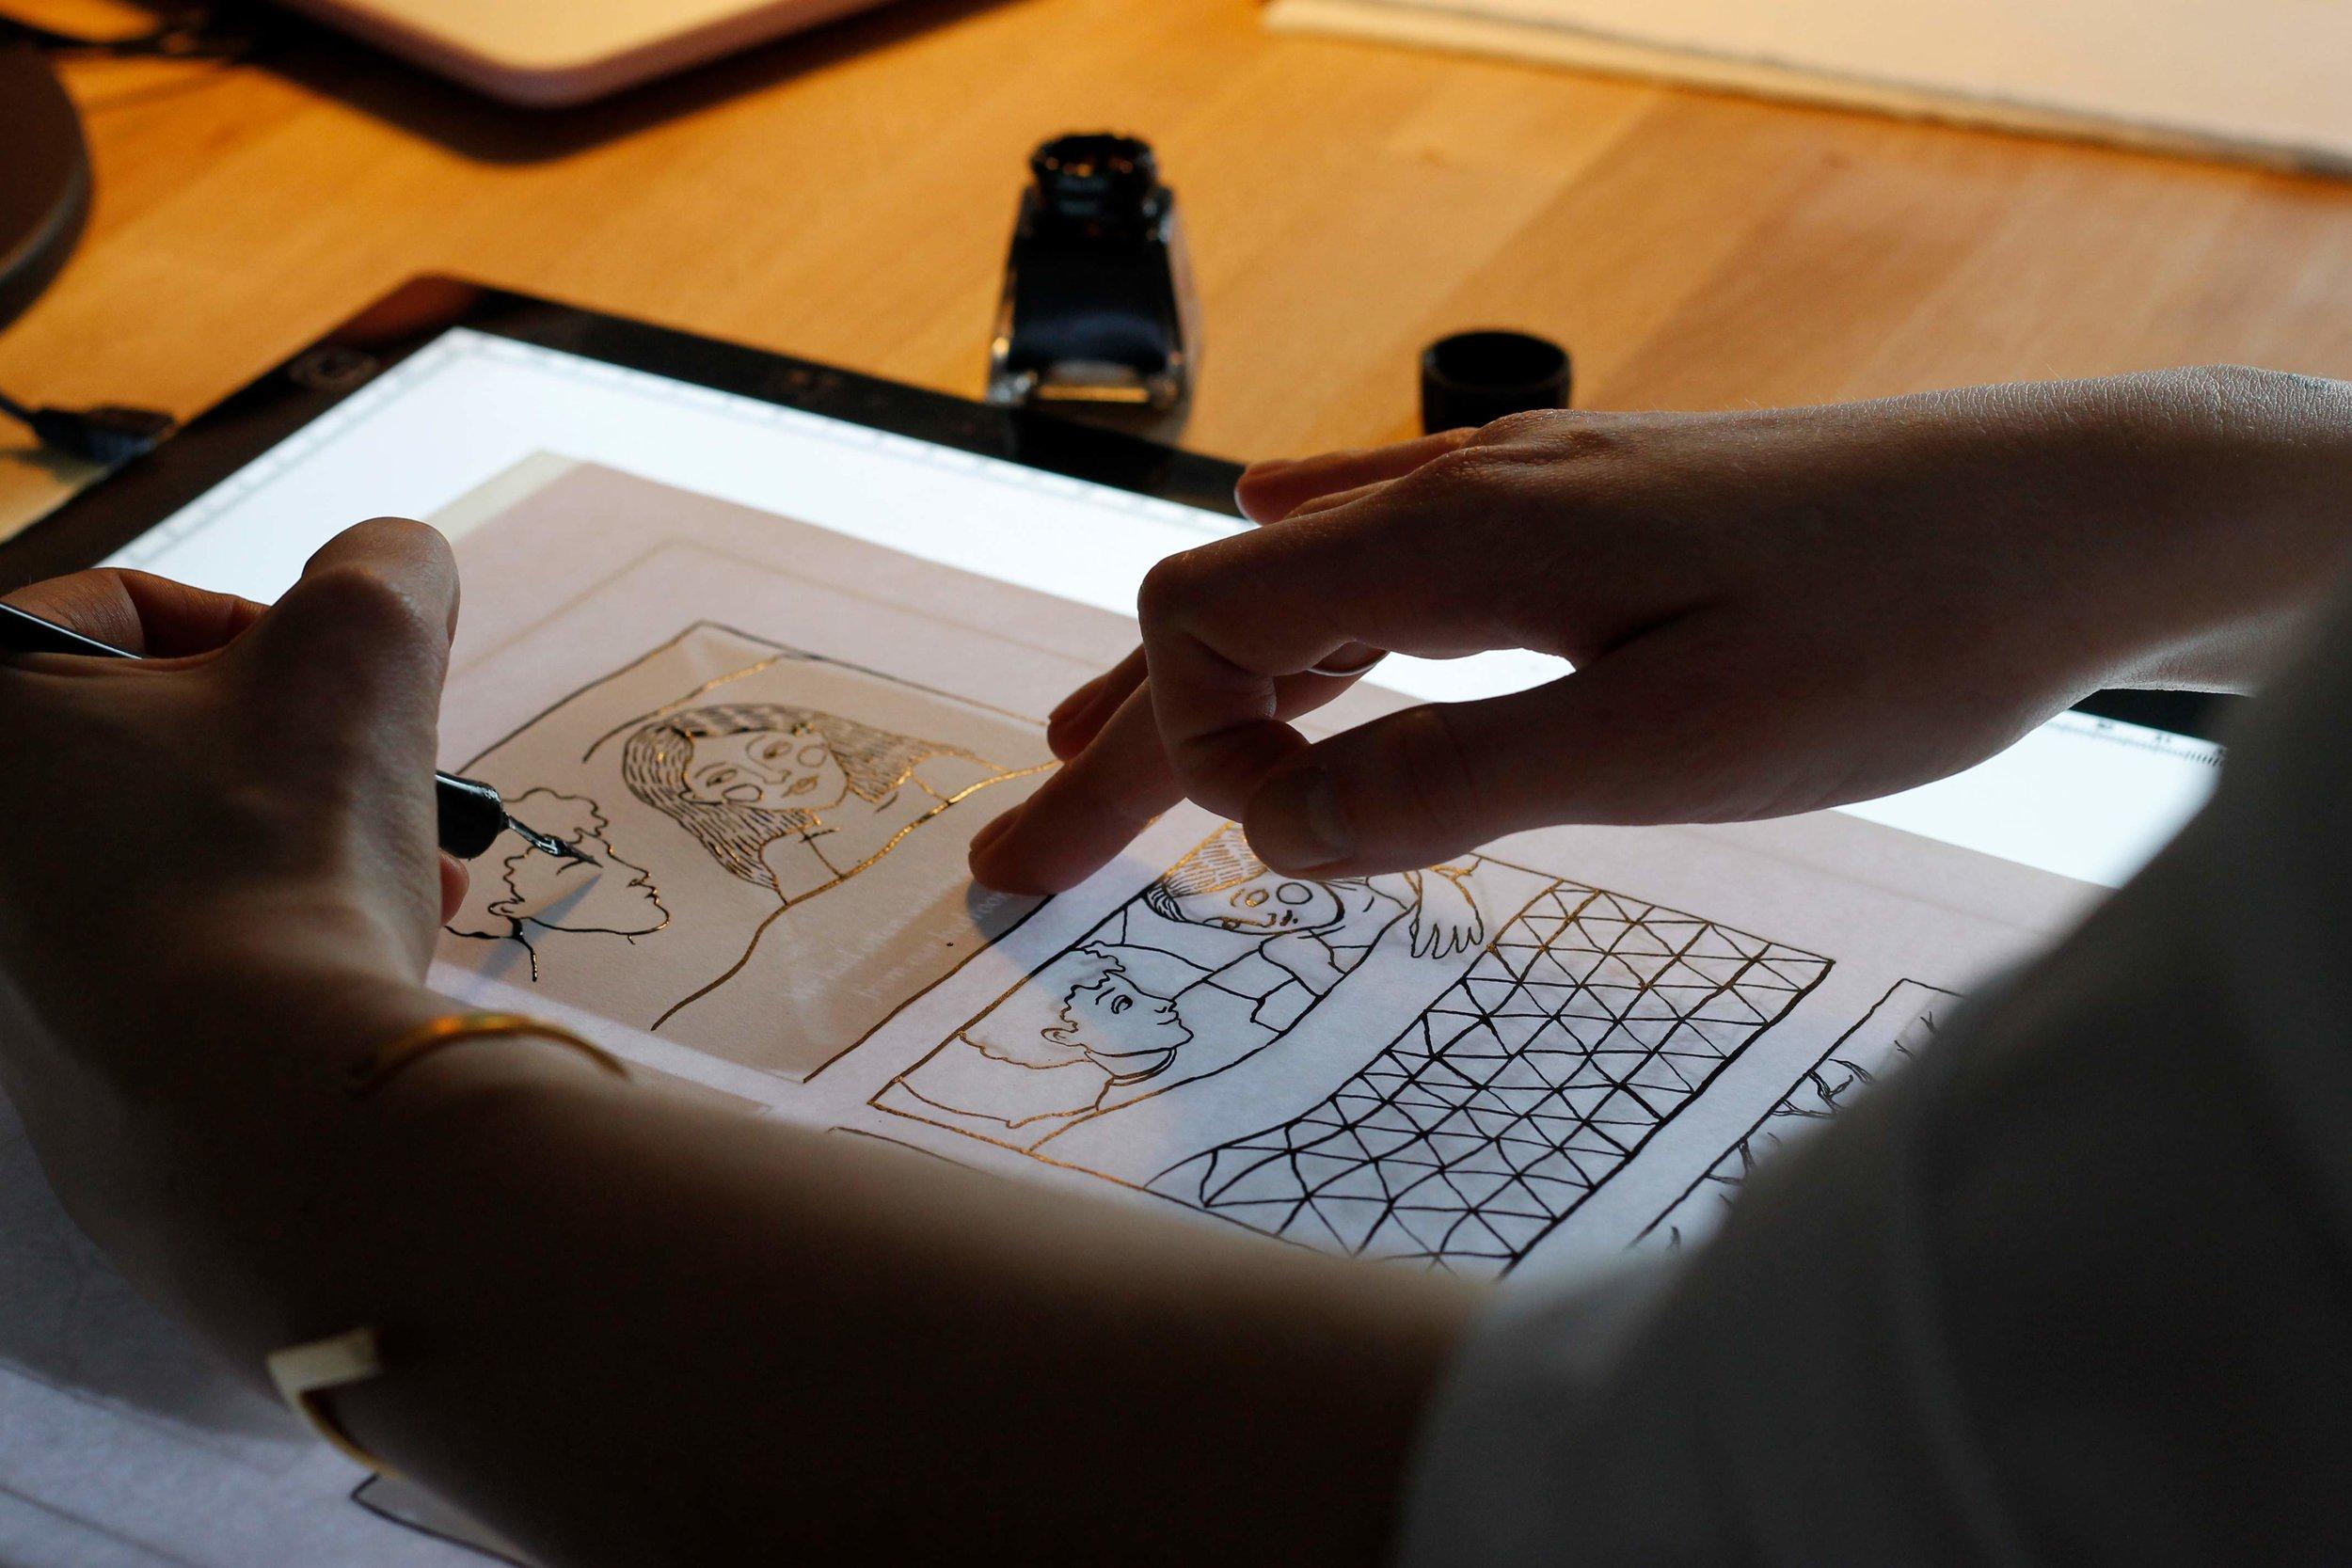 marie-de-beaucourt-blog-becoming-illustrator3.jpg